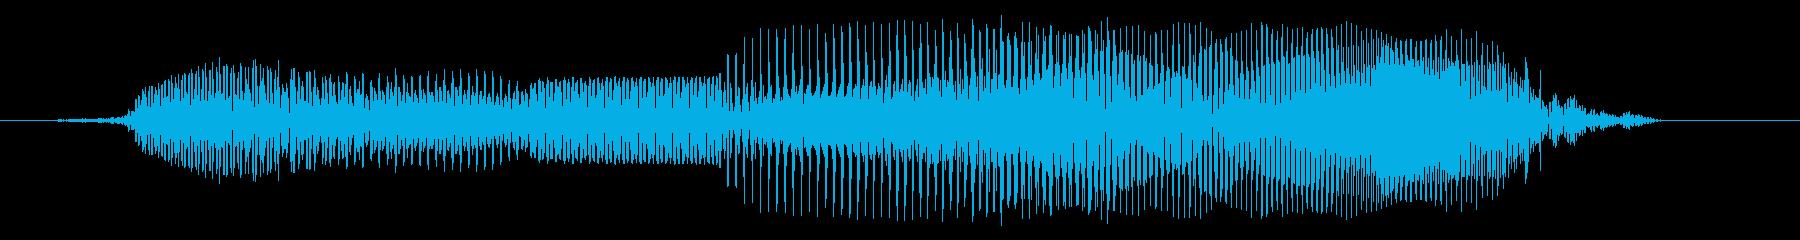 うまい!1【ロリキャラの褒めボイス】の再生済みの波形